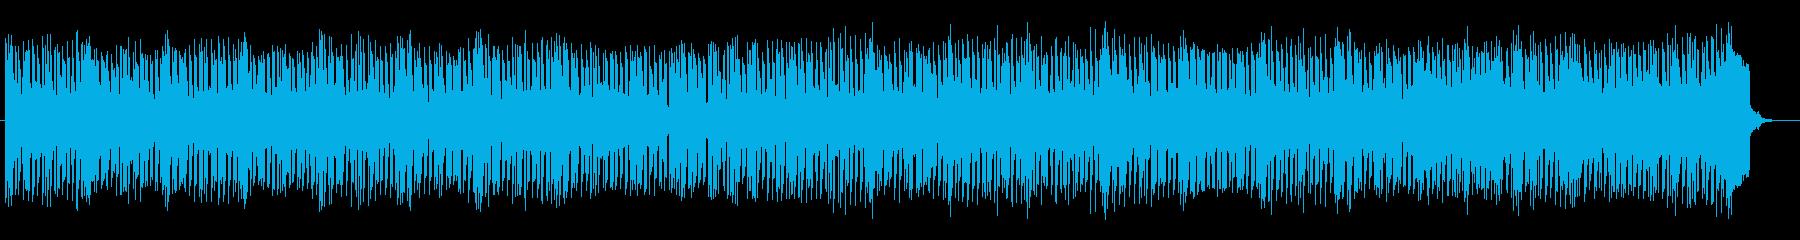 キラキラした音色のシンセミュージックの再生済みの波形